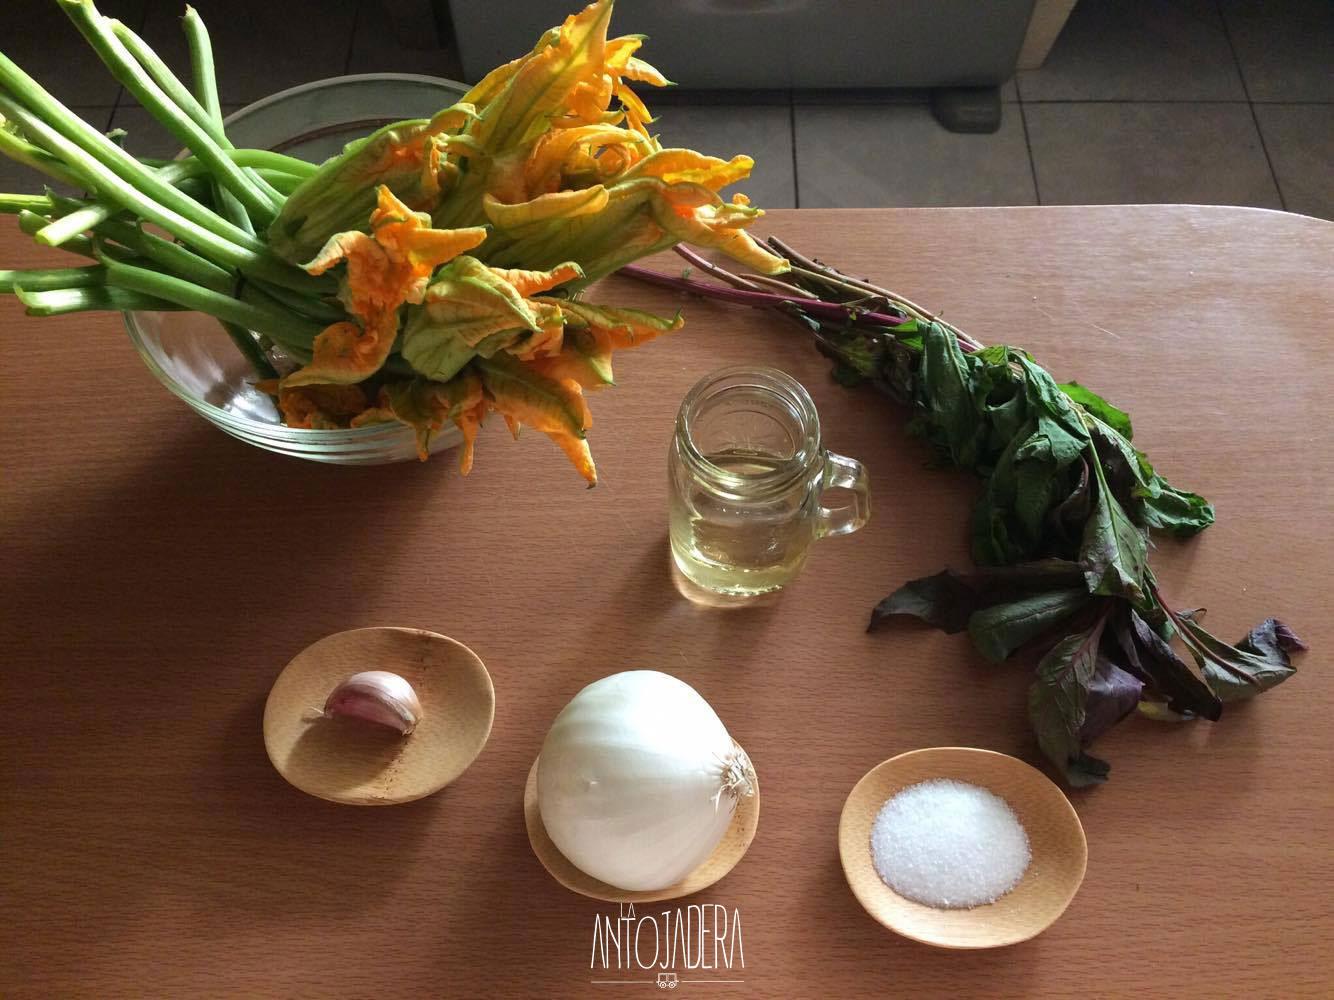 La Antojadera | Quesadillas de Flor de Calabaza